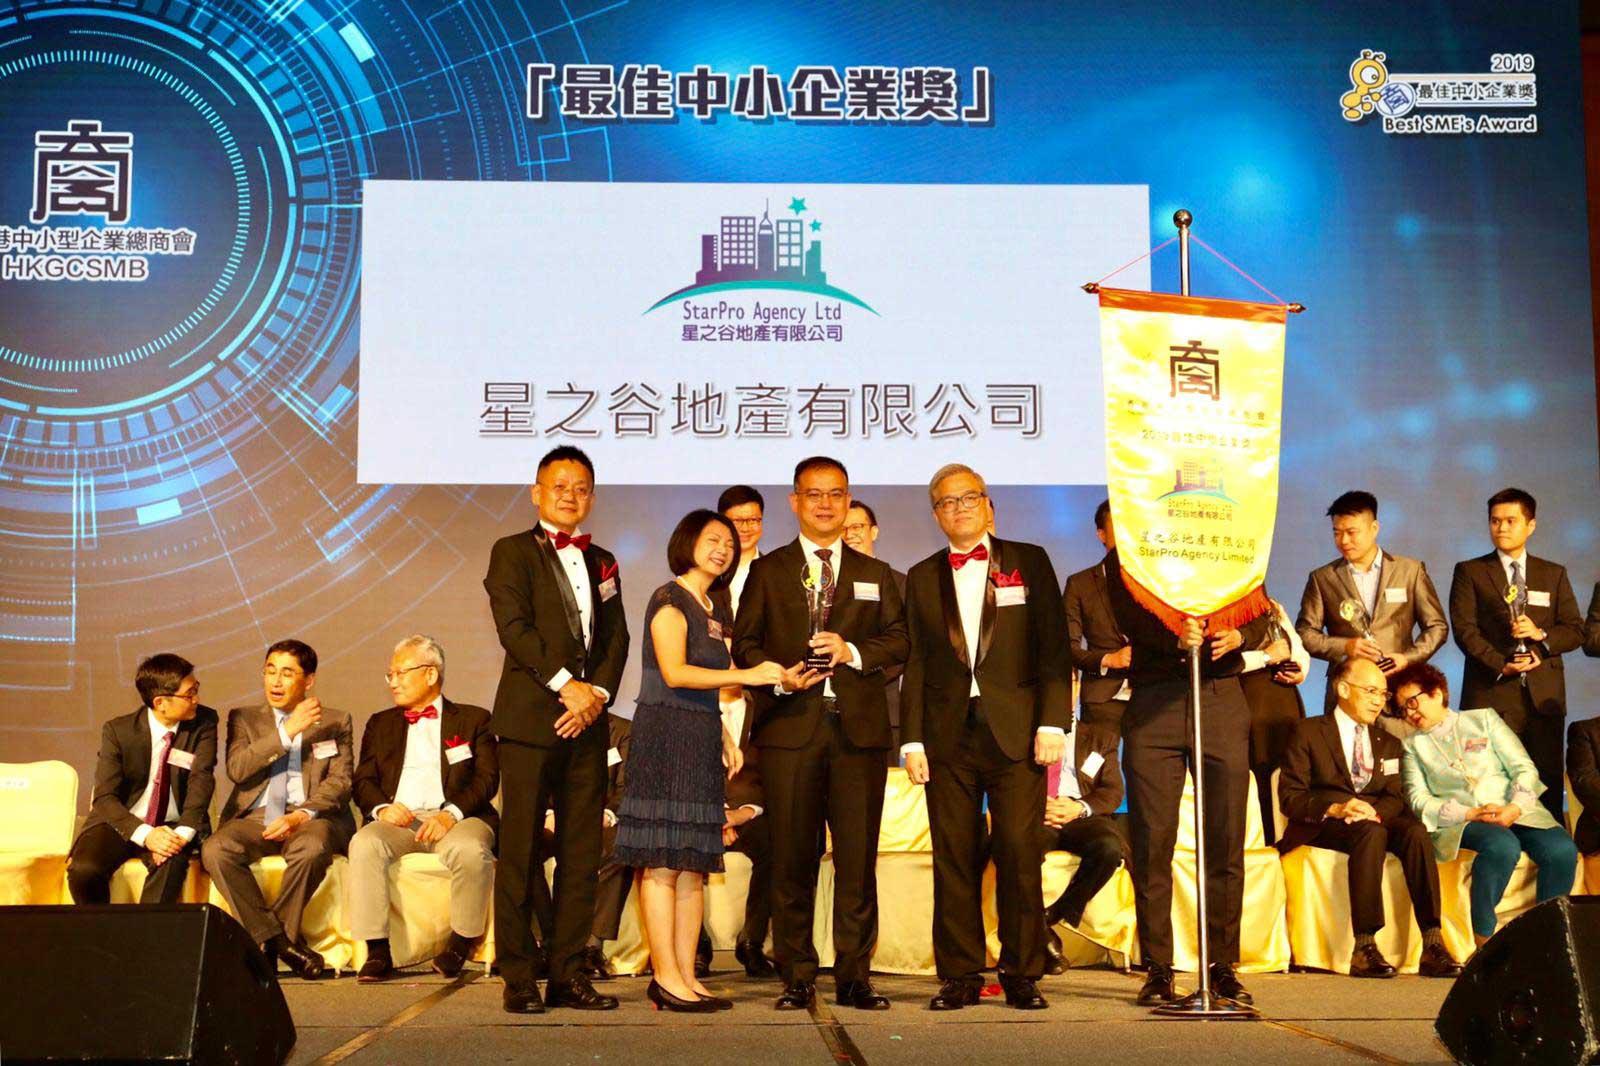 香港中小企總商會「2019最佳中小企獎」得主星之谷